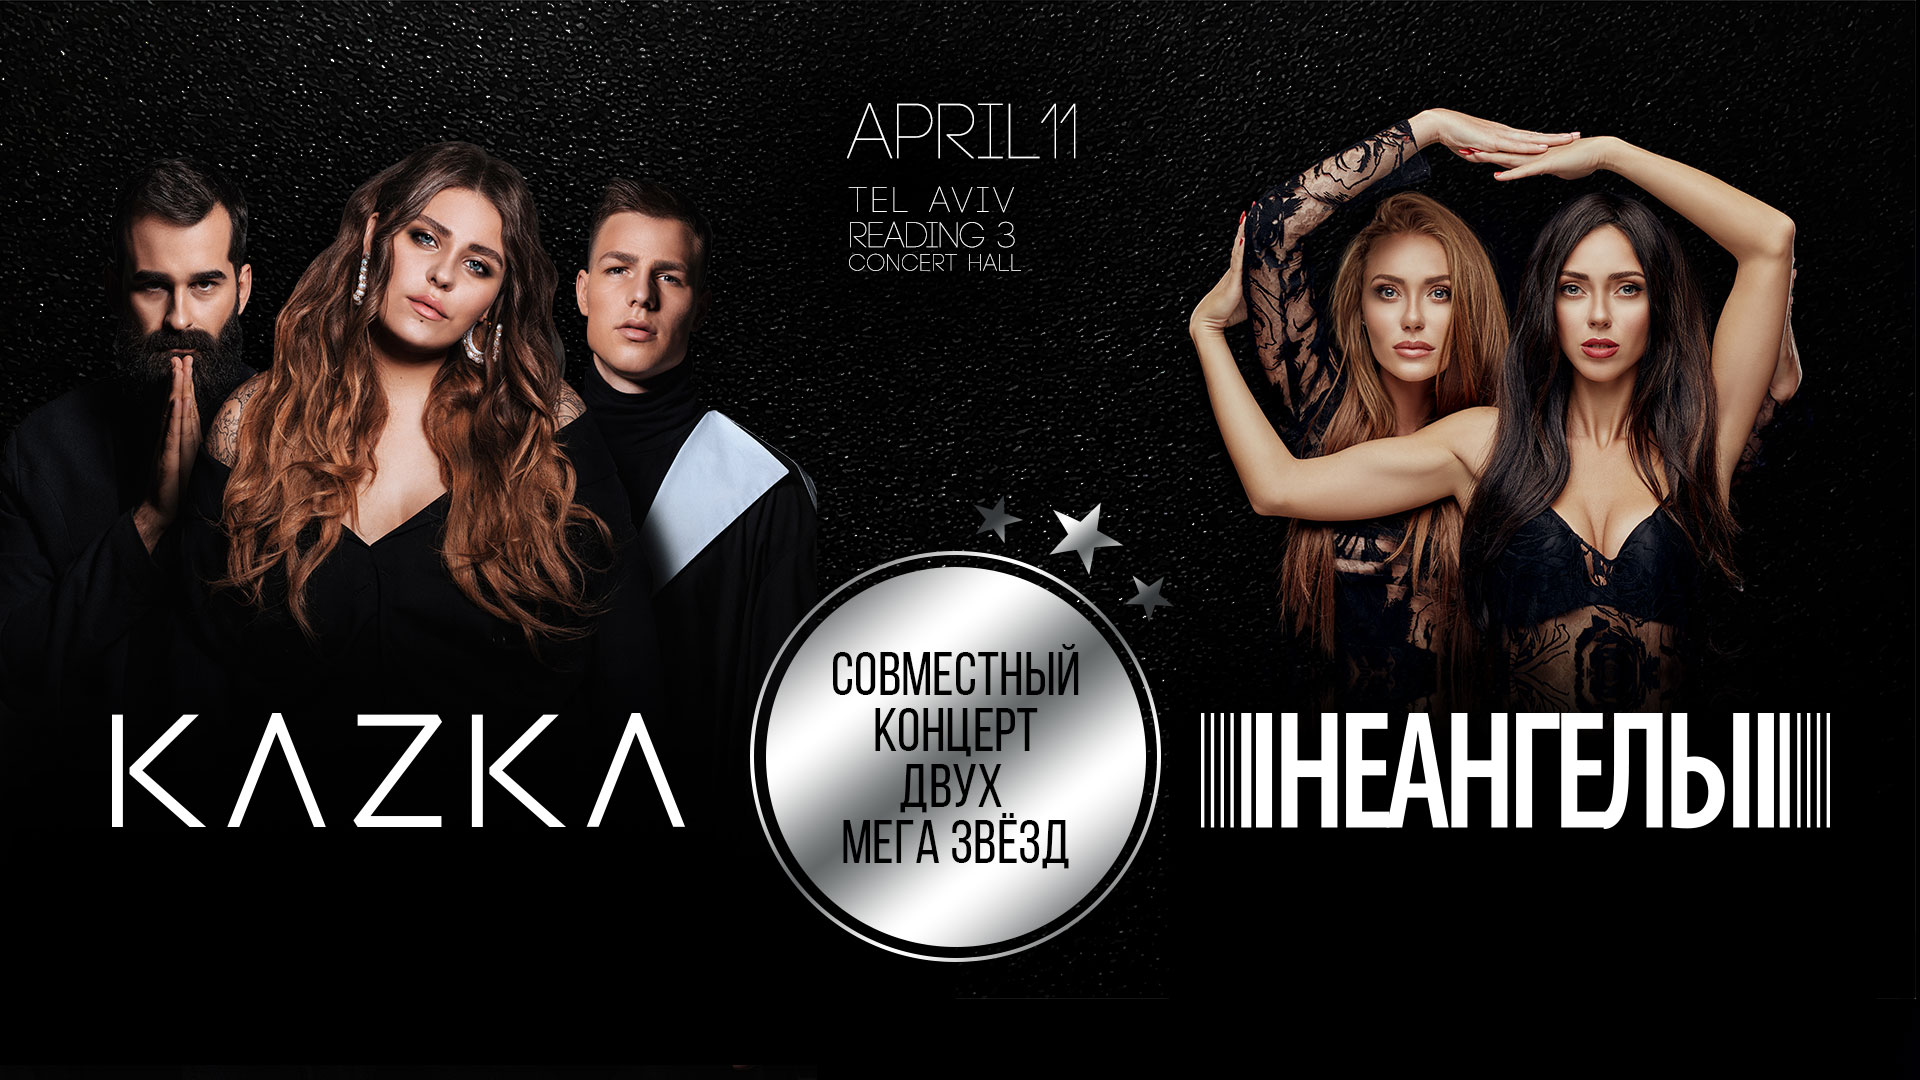 """Совместный концерт-вечеринка Kazka и """"НеАнгелы"""" в Израиле"""